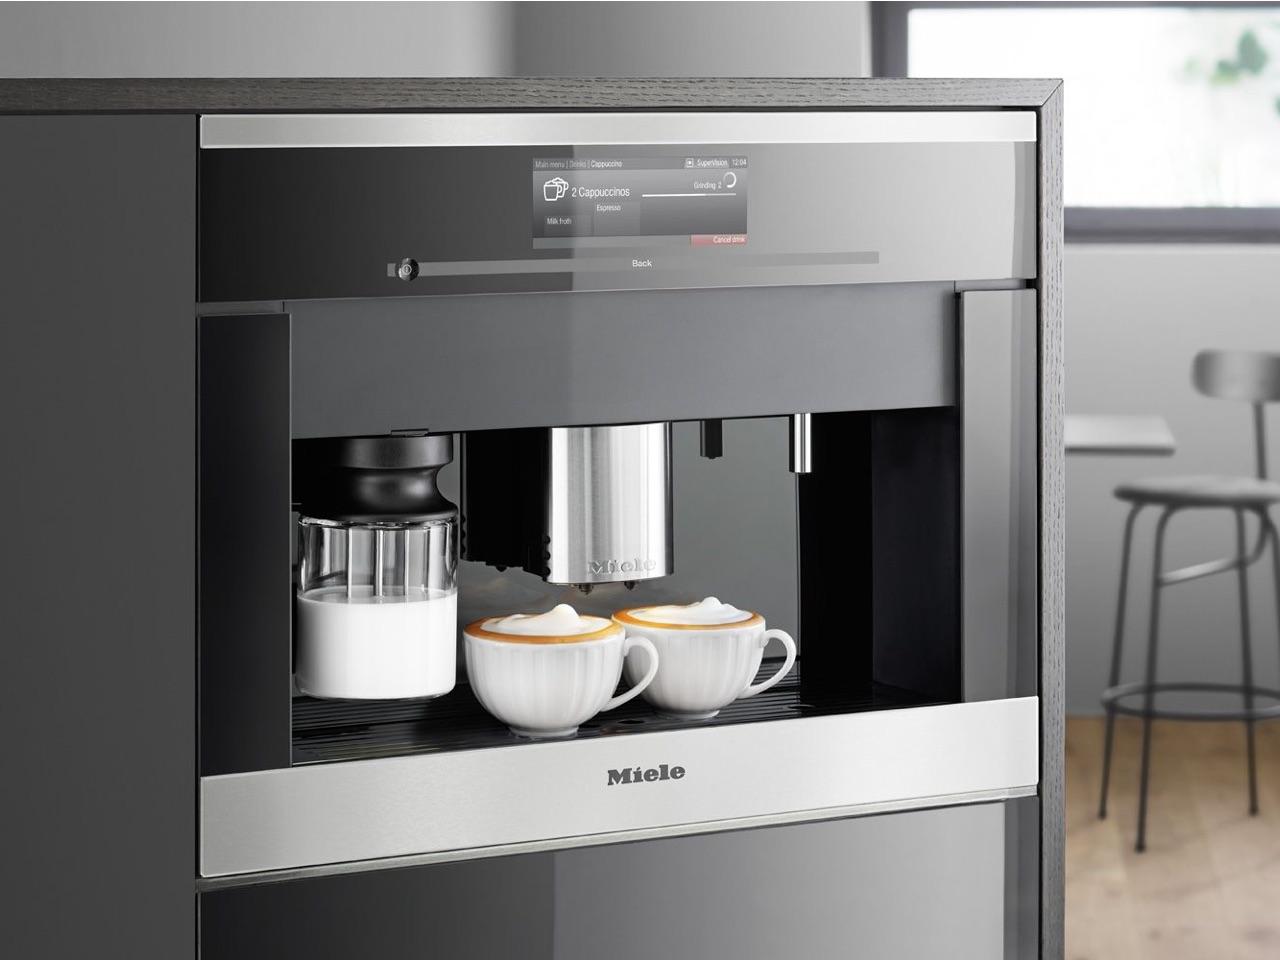 Miele built-in espresso machine